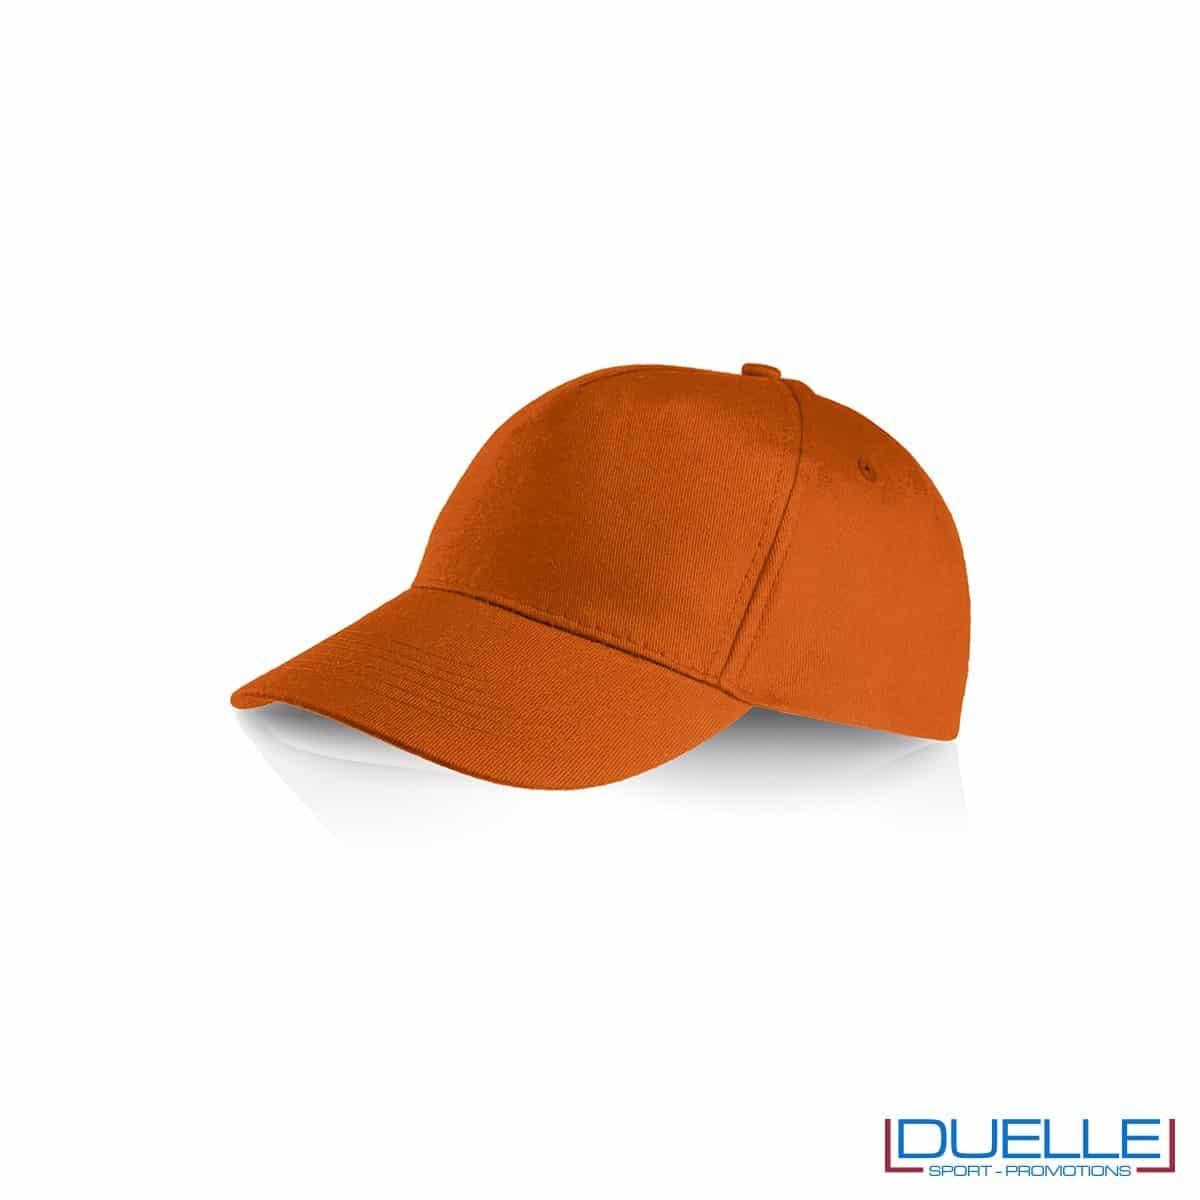 Cappellino personalizzato cotone arancione, cappellini promozionali baseball, cappellini baseball personalizzati arancione